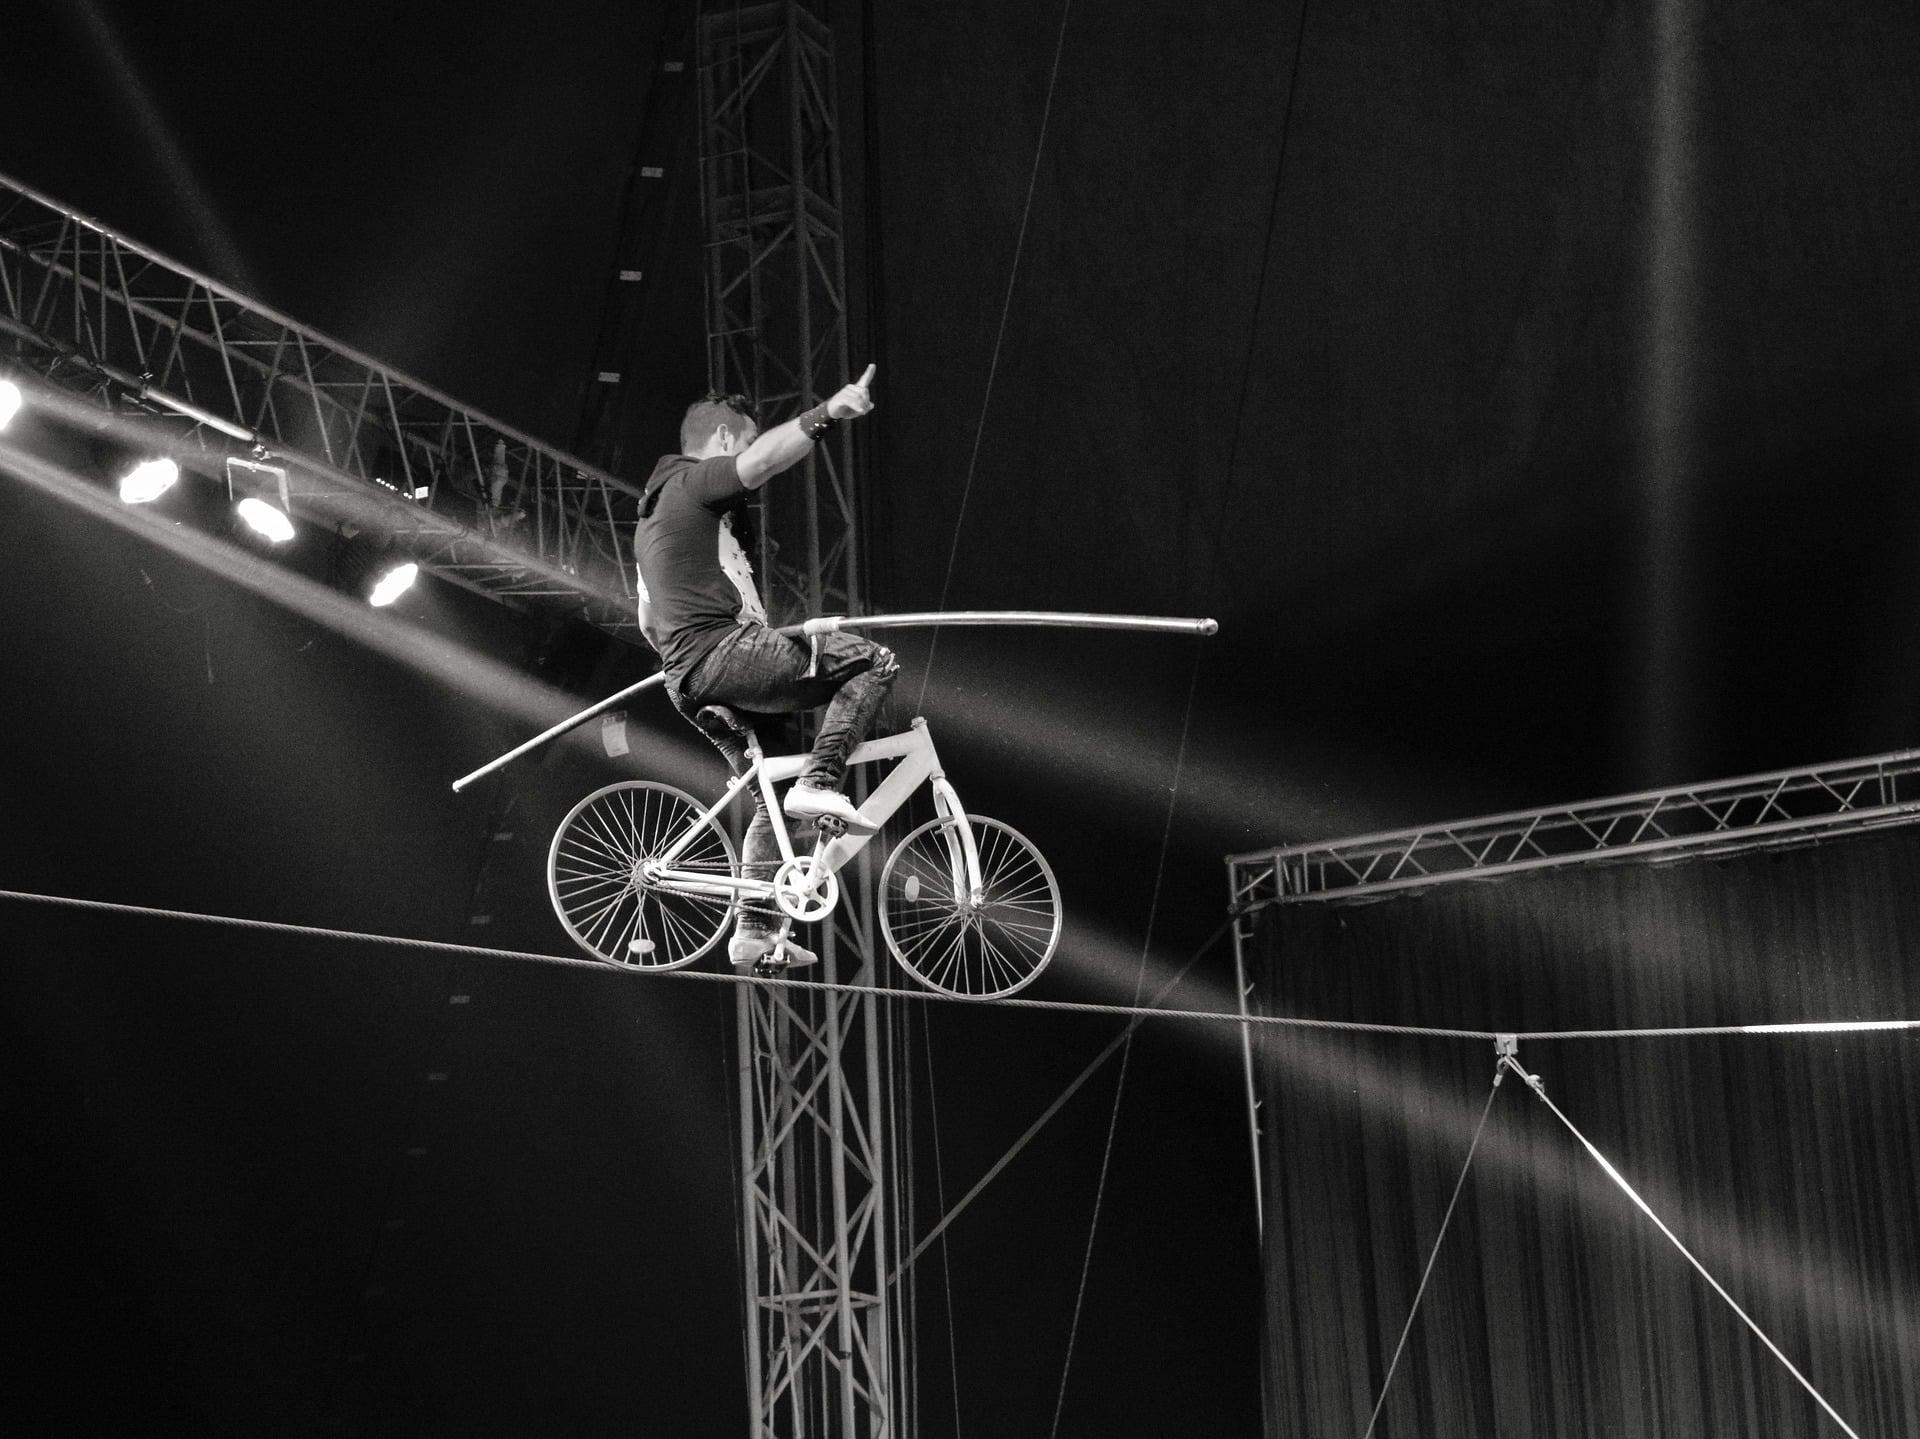 Cirkusartist cyklar på lina